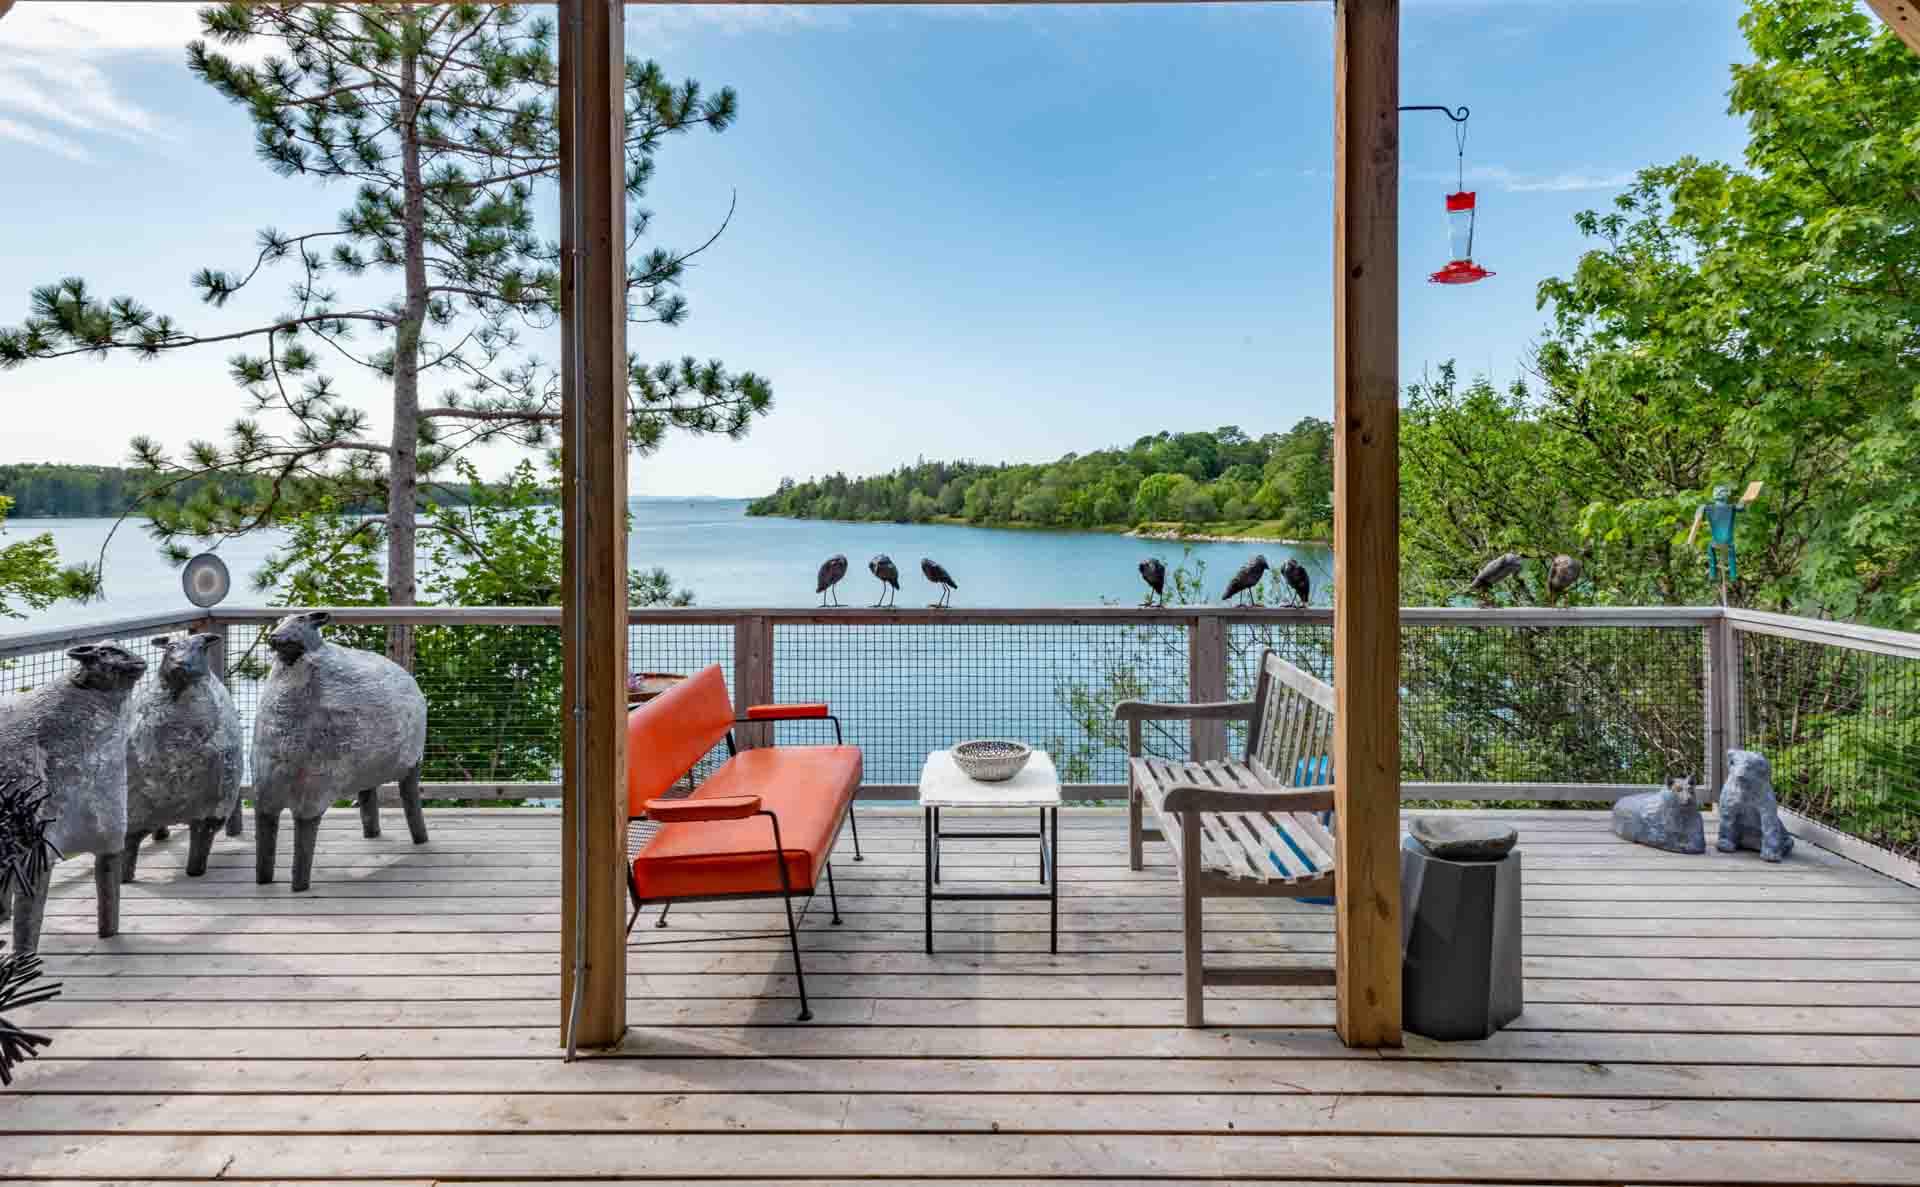 The deck overlooking Northwest Harbor